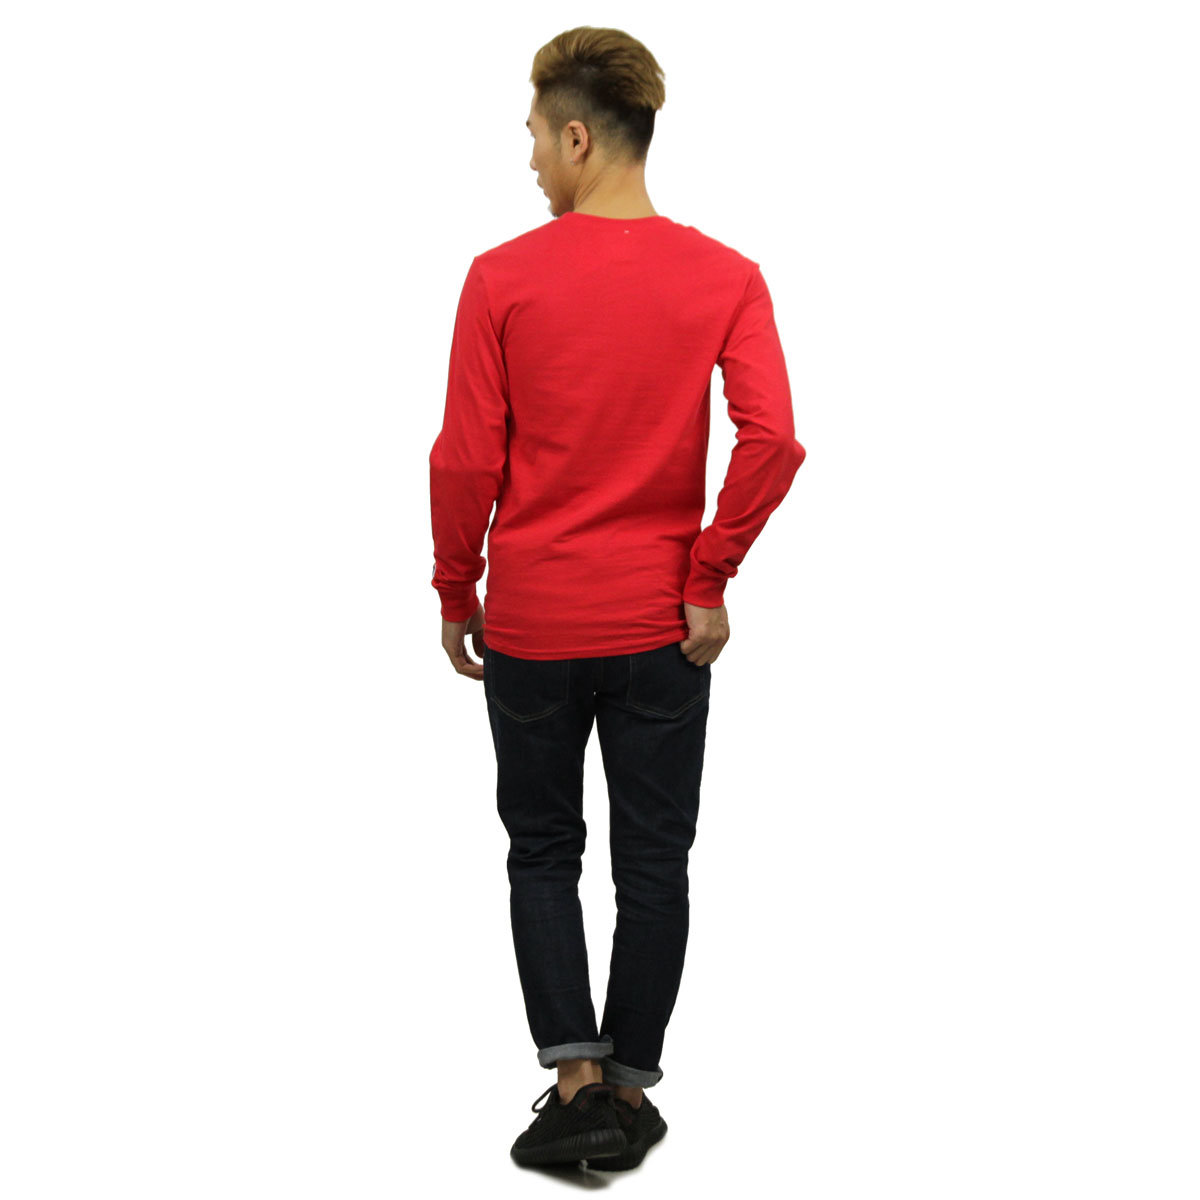 チャンピオン CHAMPION 正規品 メンズ 長袖Tシャツ L/S TEE T2229 Cotton Long Sleeve Tee W3J-TEAMREDSCARLET C logo on left sleeve